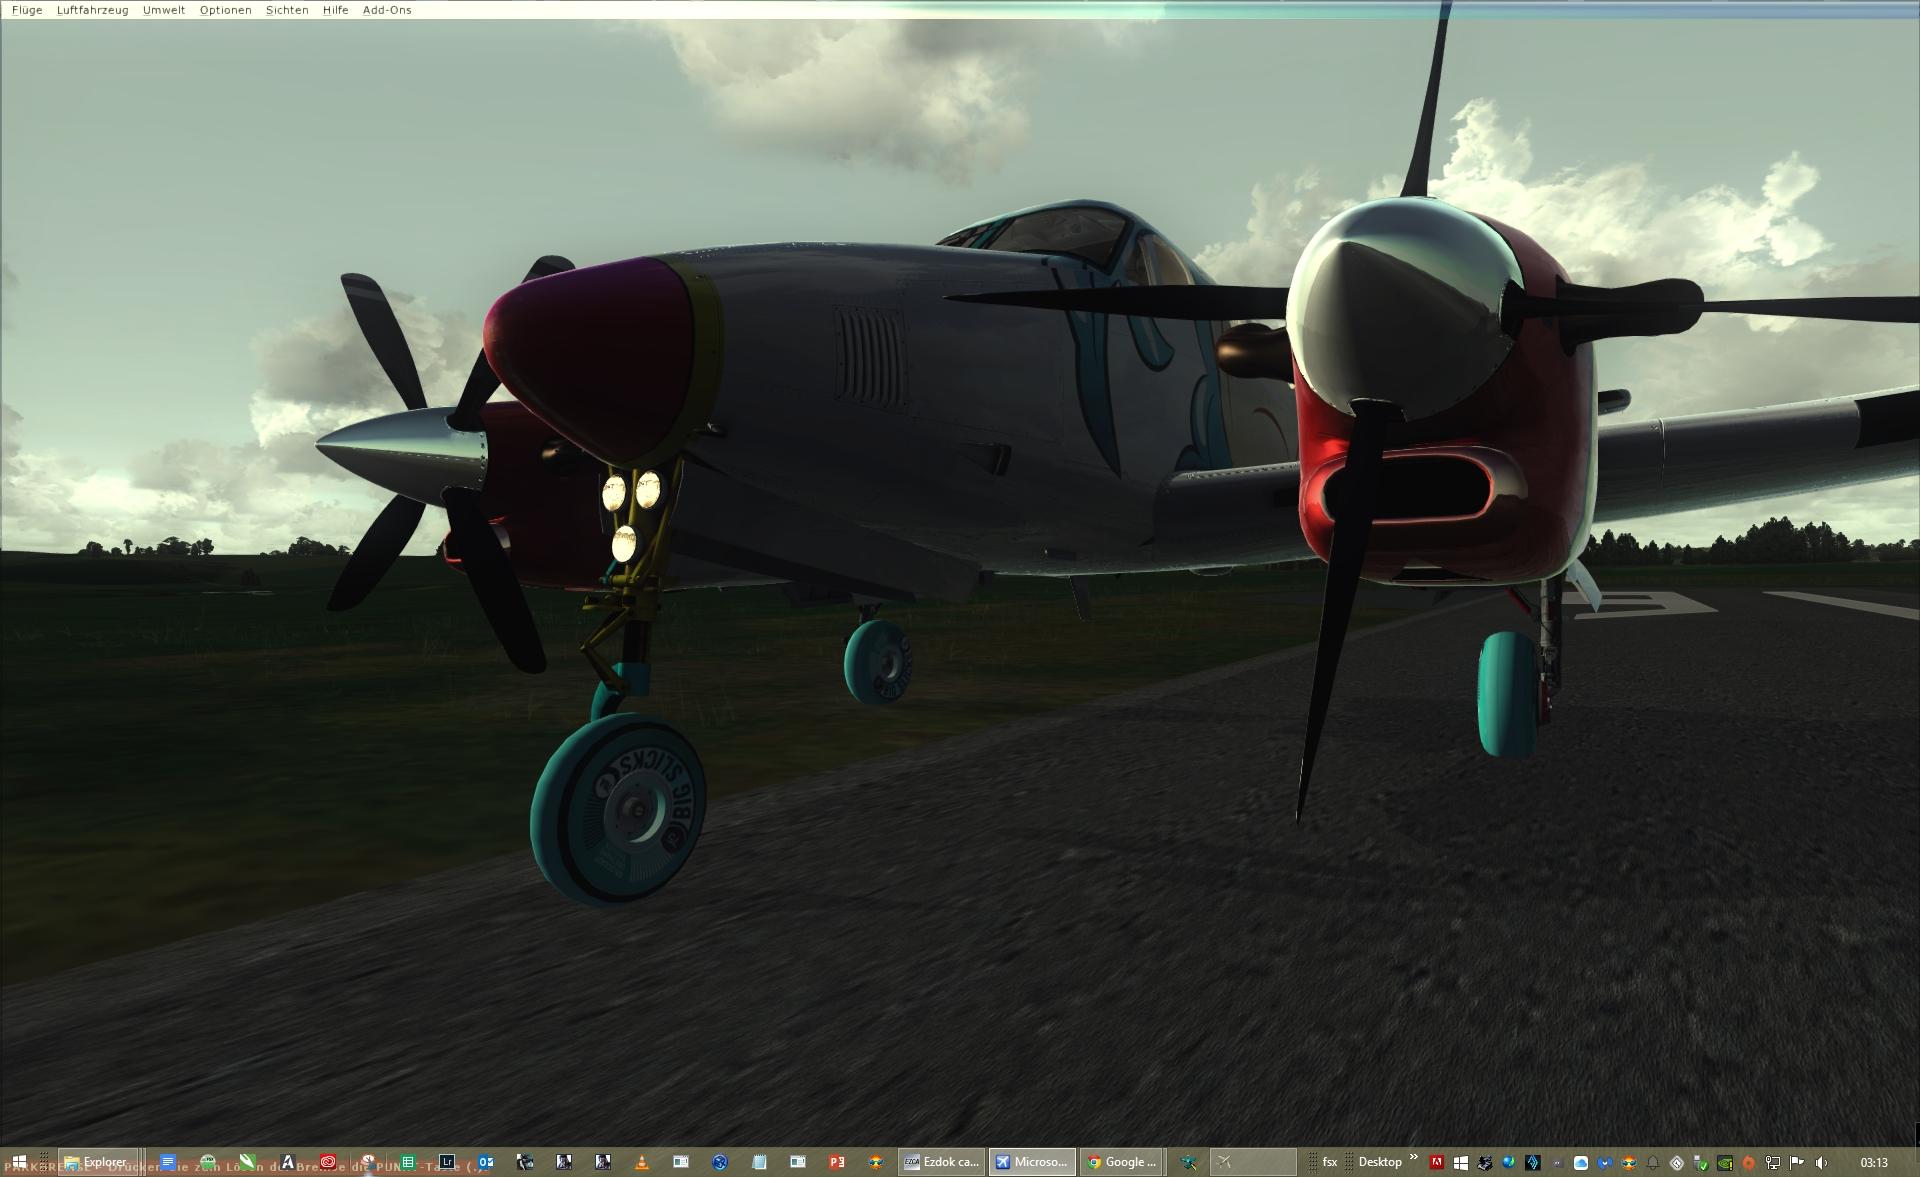 Carenado´s C90 King Air in UV´s